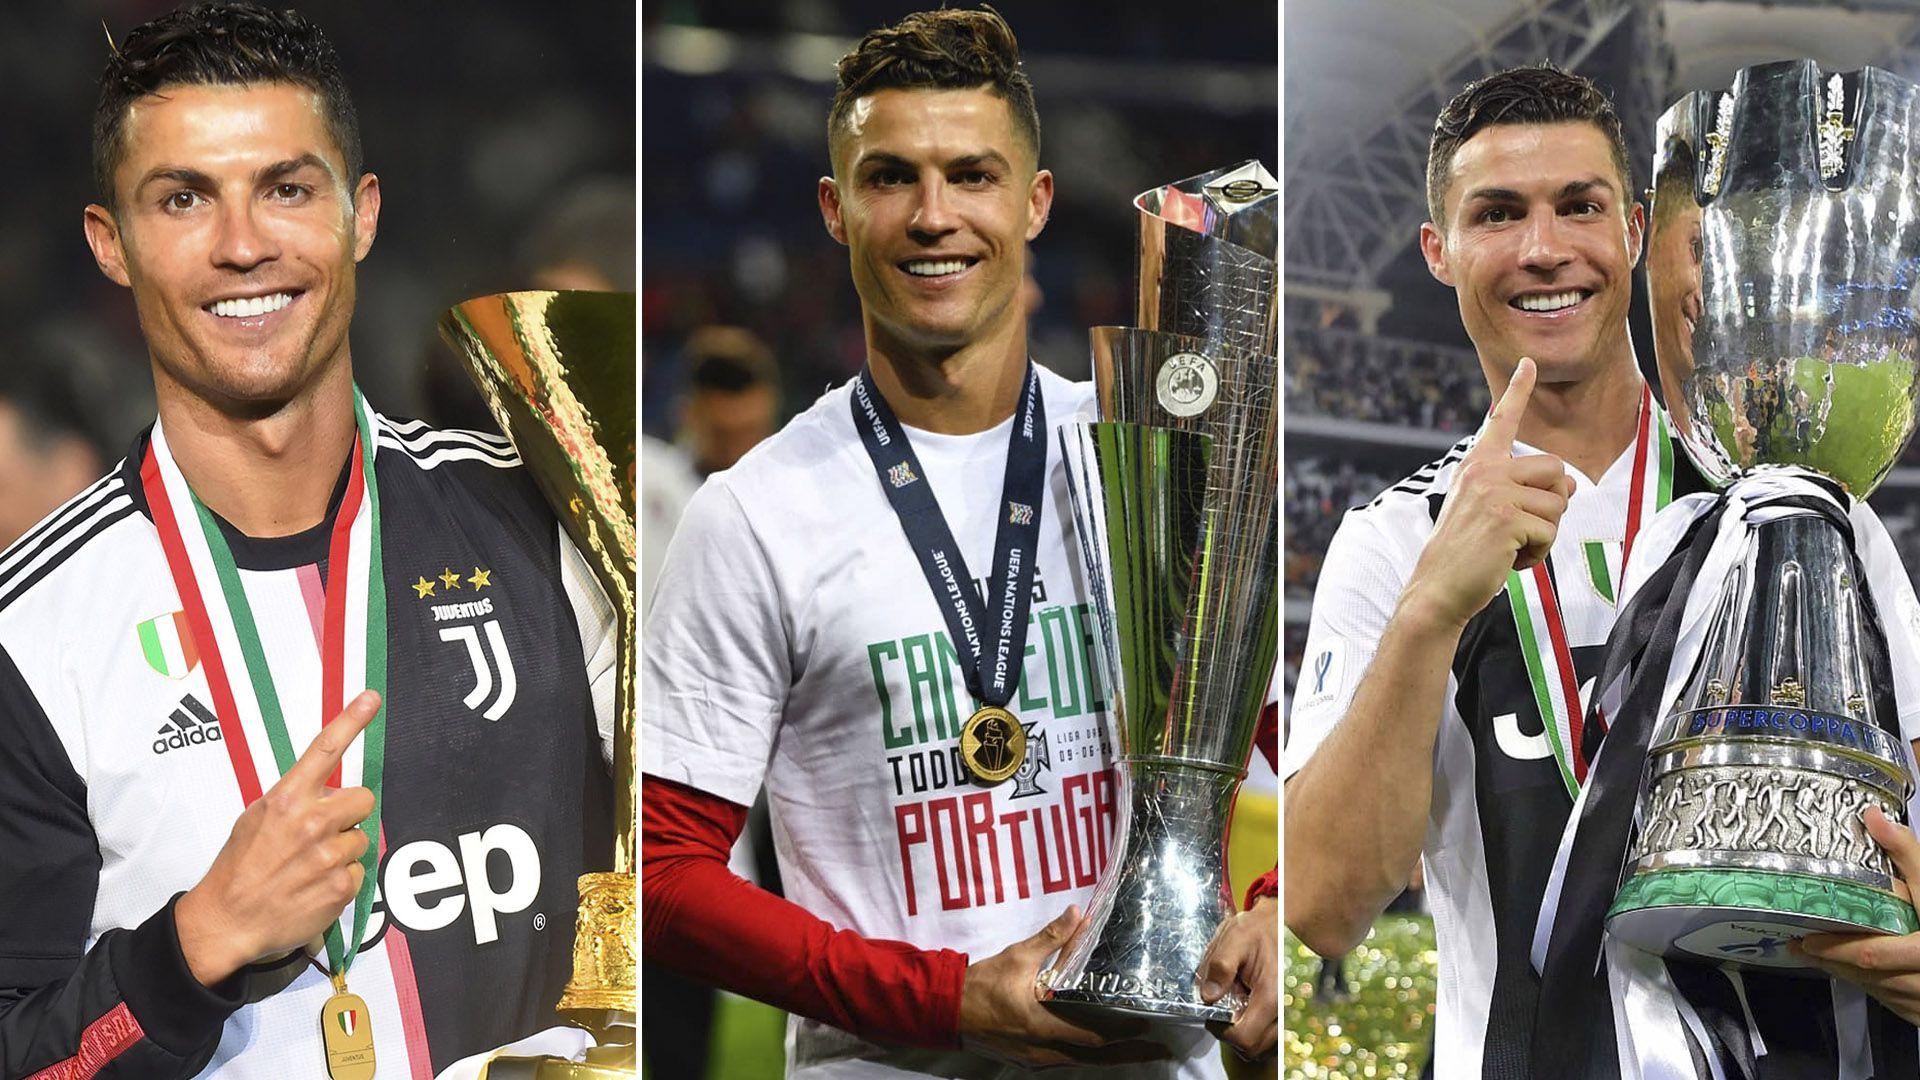 Cristiano Ronaldo ha acabado la temporada 2018/19 con más trofeos y récords para su gran carrera deportiva